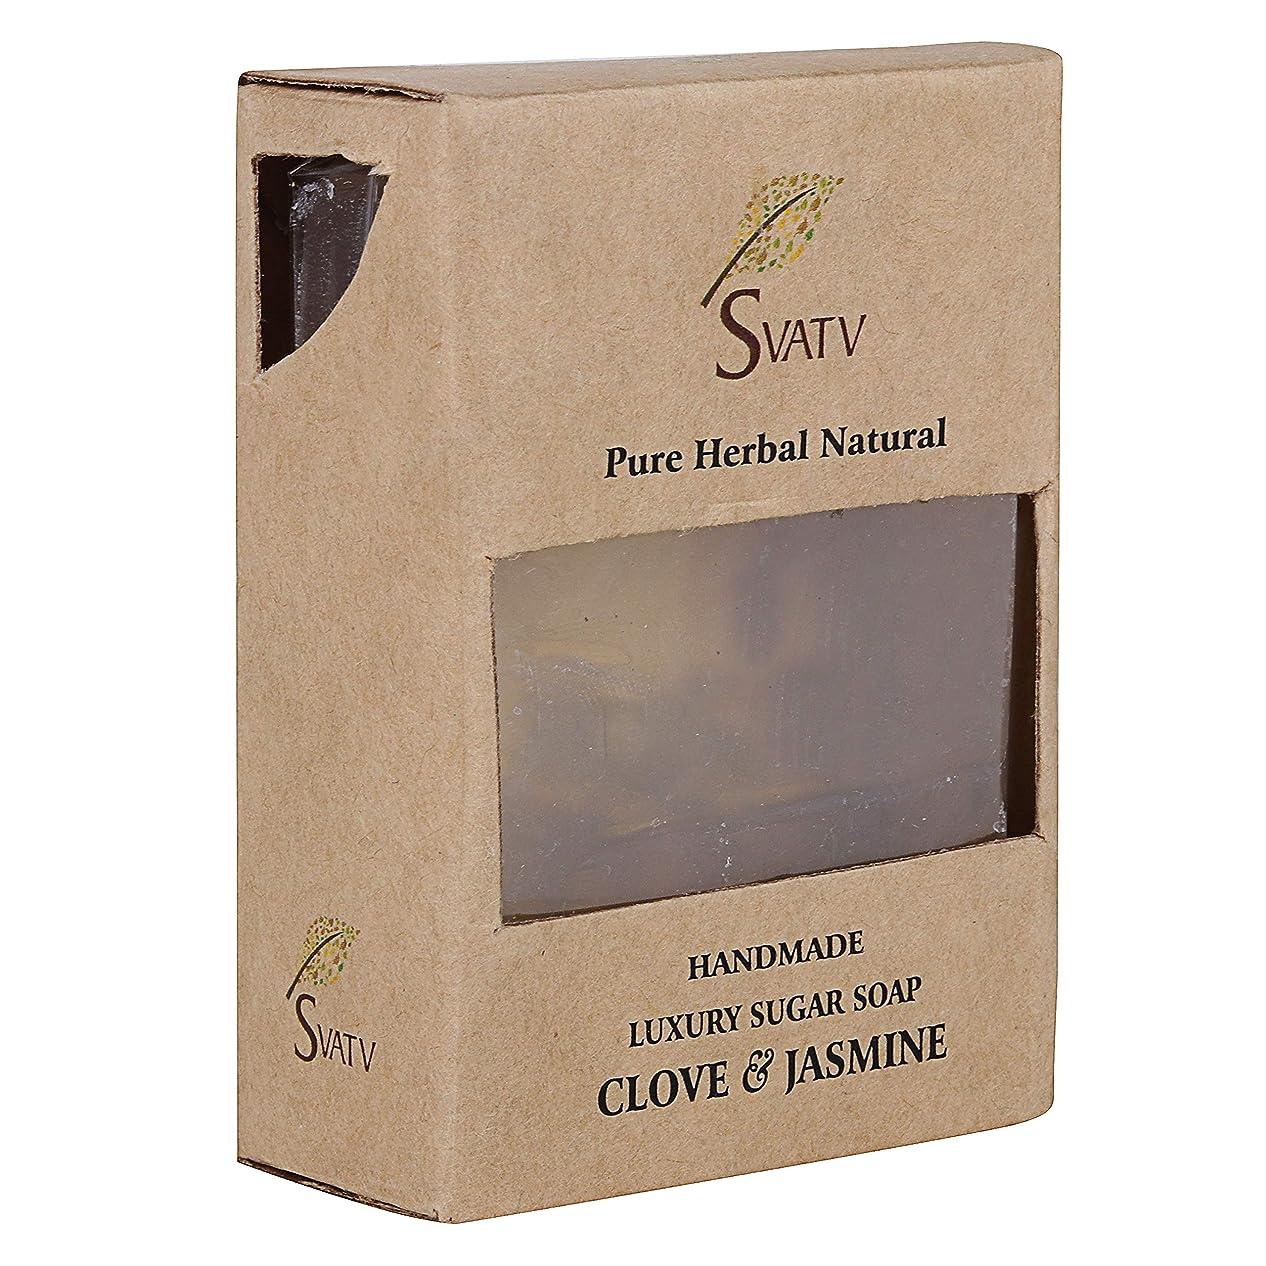 取る読者数値SVATV Handmade Luxury Sugar Natural Soap ll Clove & Jasmine ll For All Skin types 100g Bar ll Kosher Certified